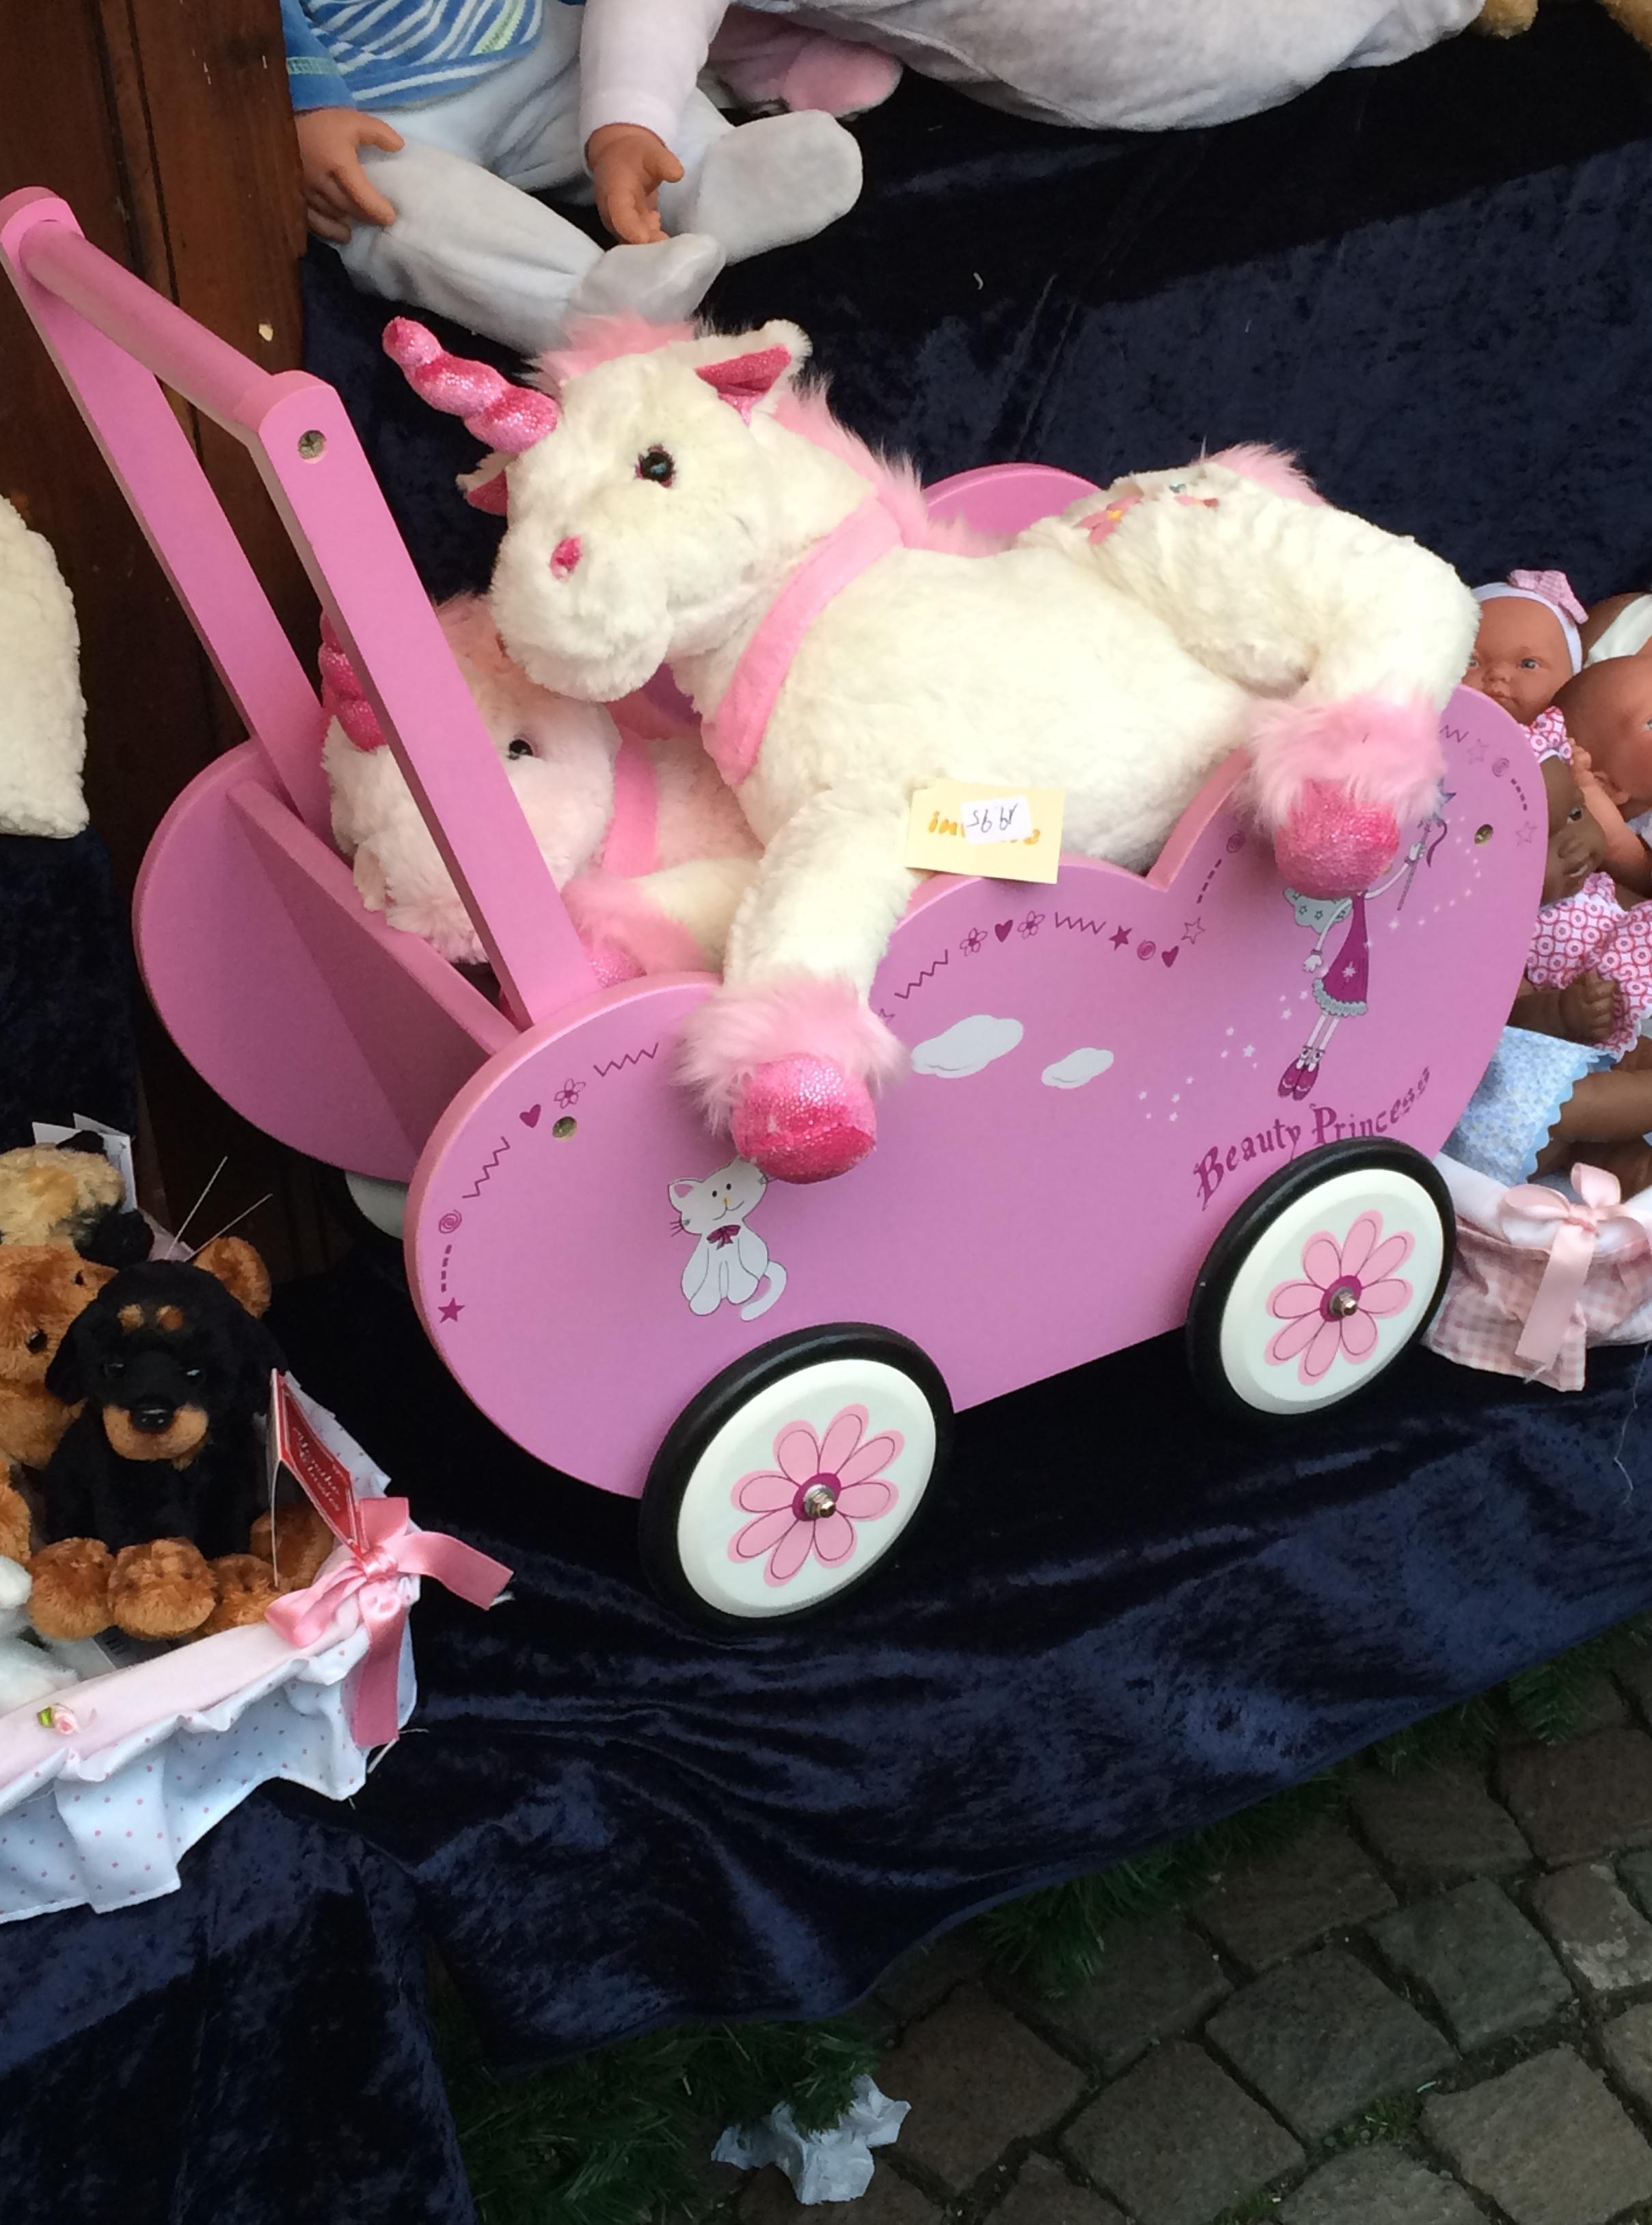 Ez pedig amit én szeretnék karácsonyra, mert még nincsen rózsaszín babakocsiban ülő pink unikornisom. Köszönöm.